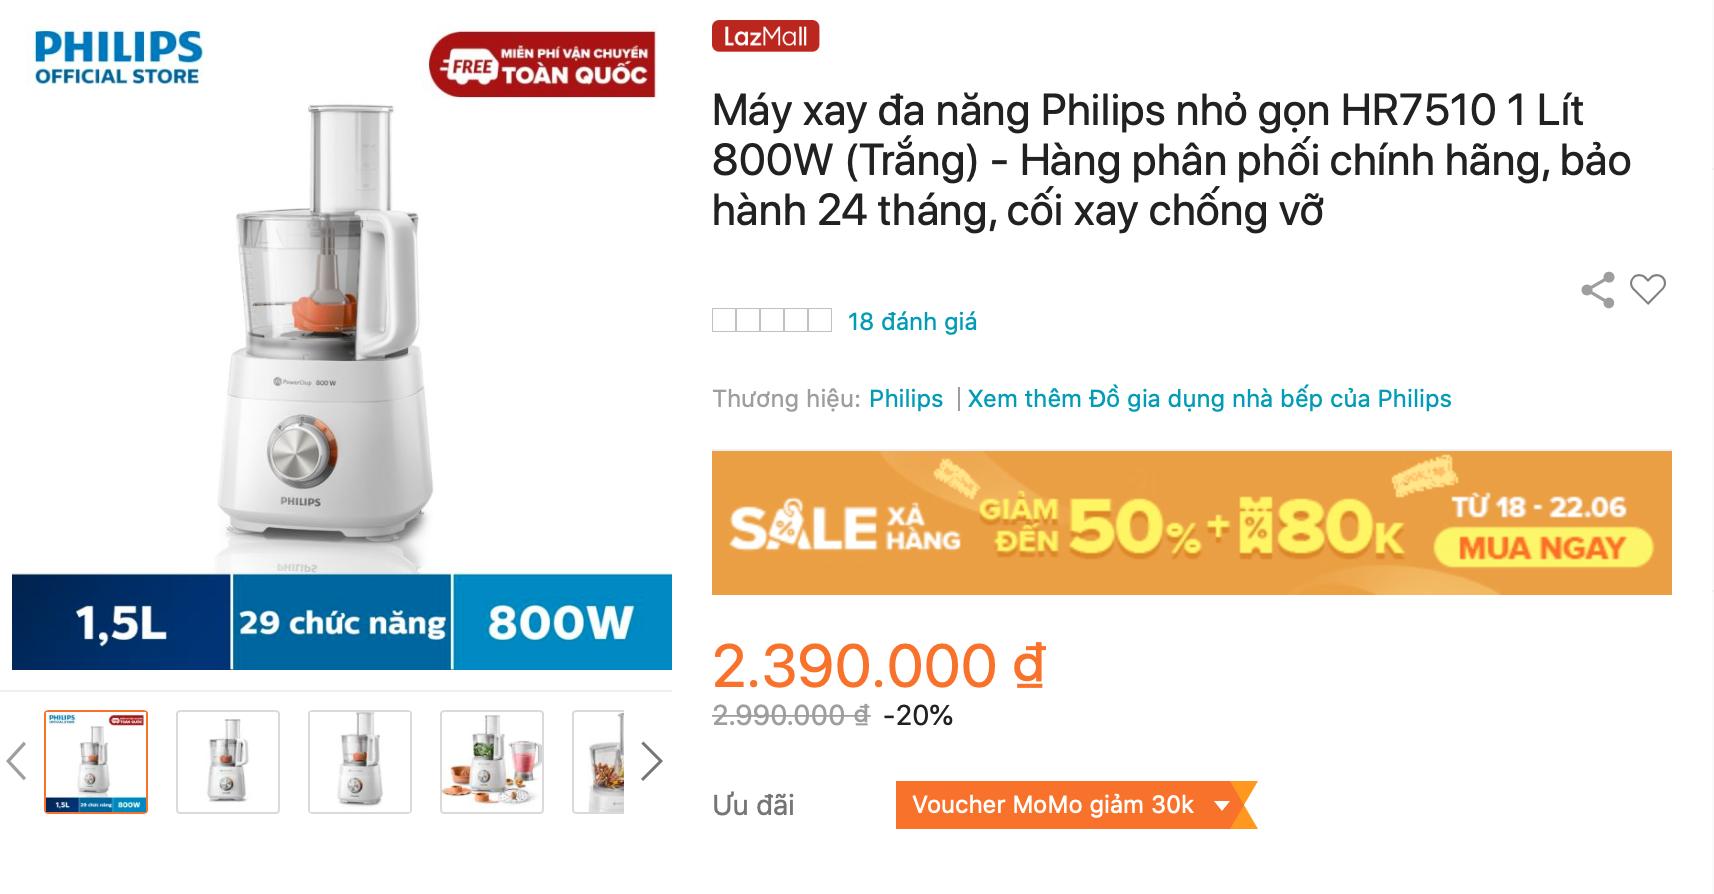 Máy xay đa năng Philips HR7510 giảm giá trên Lazada